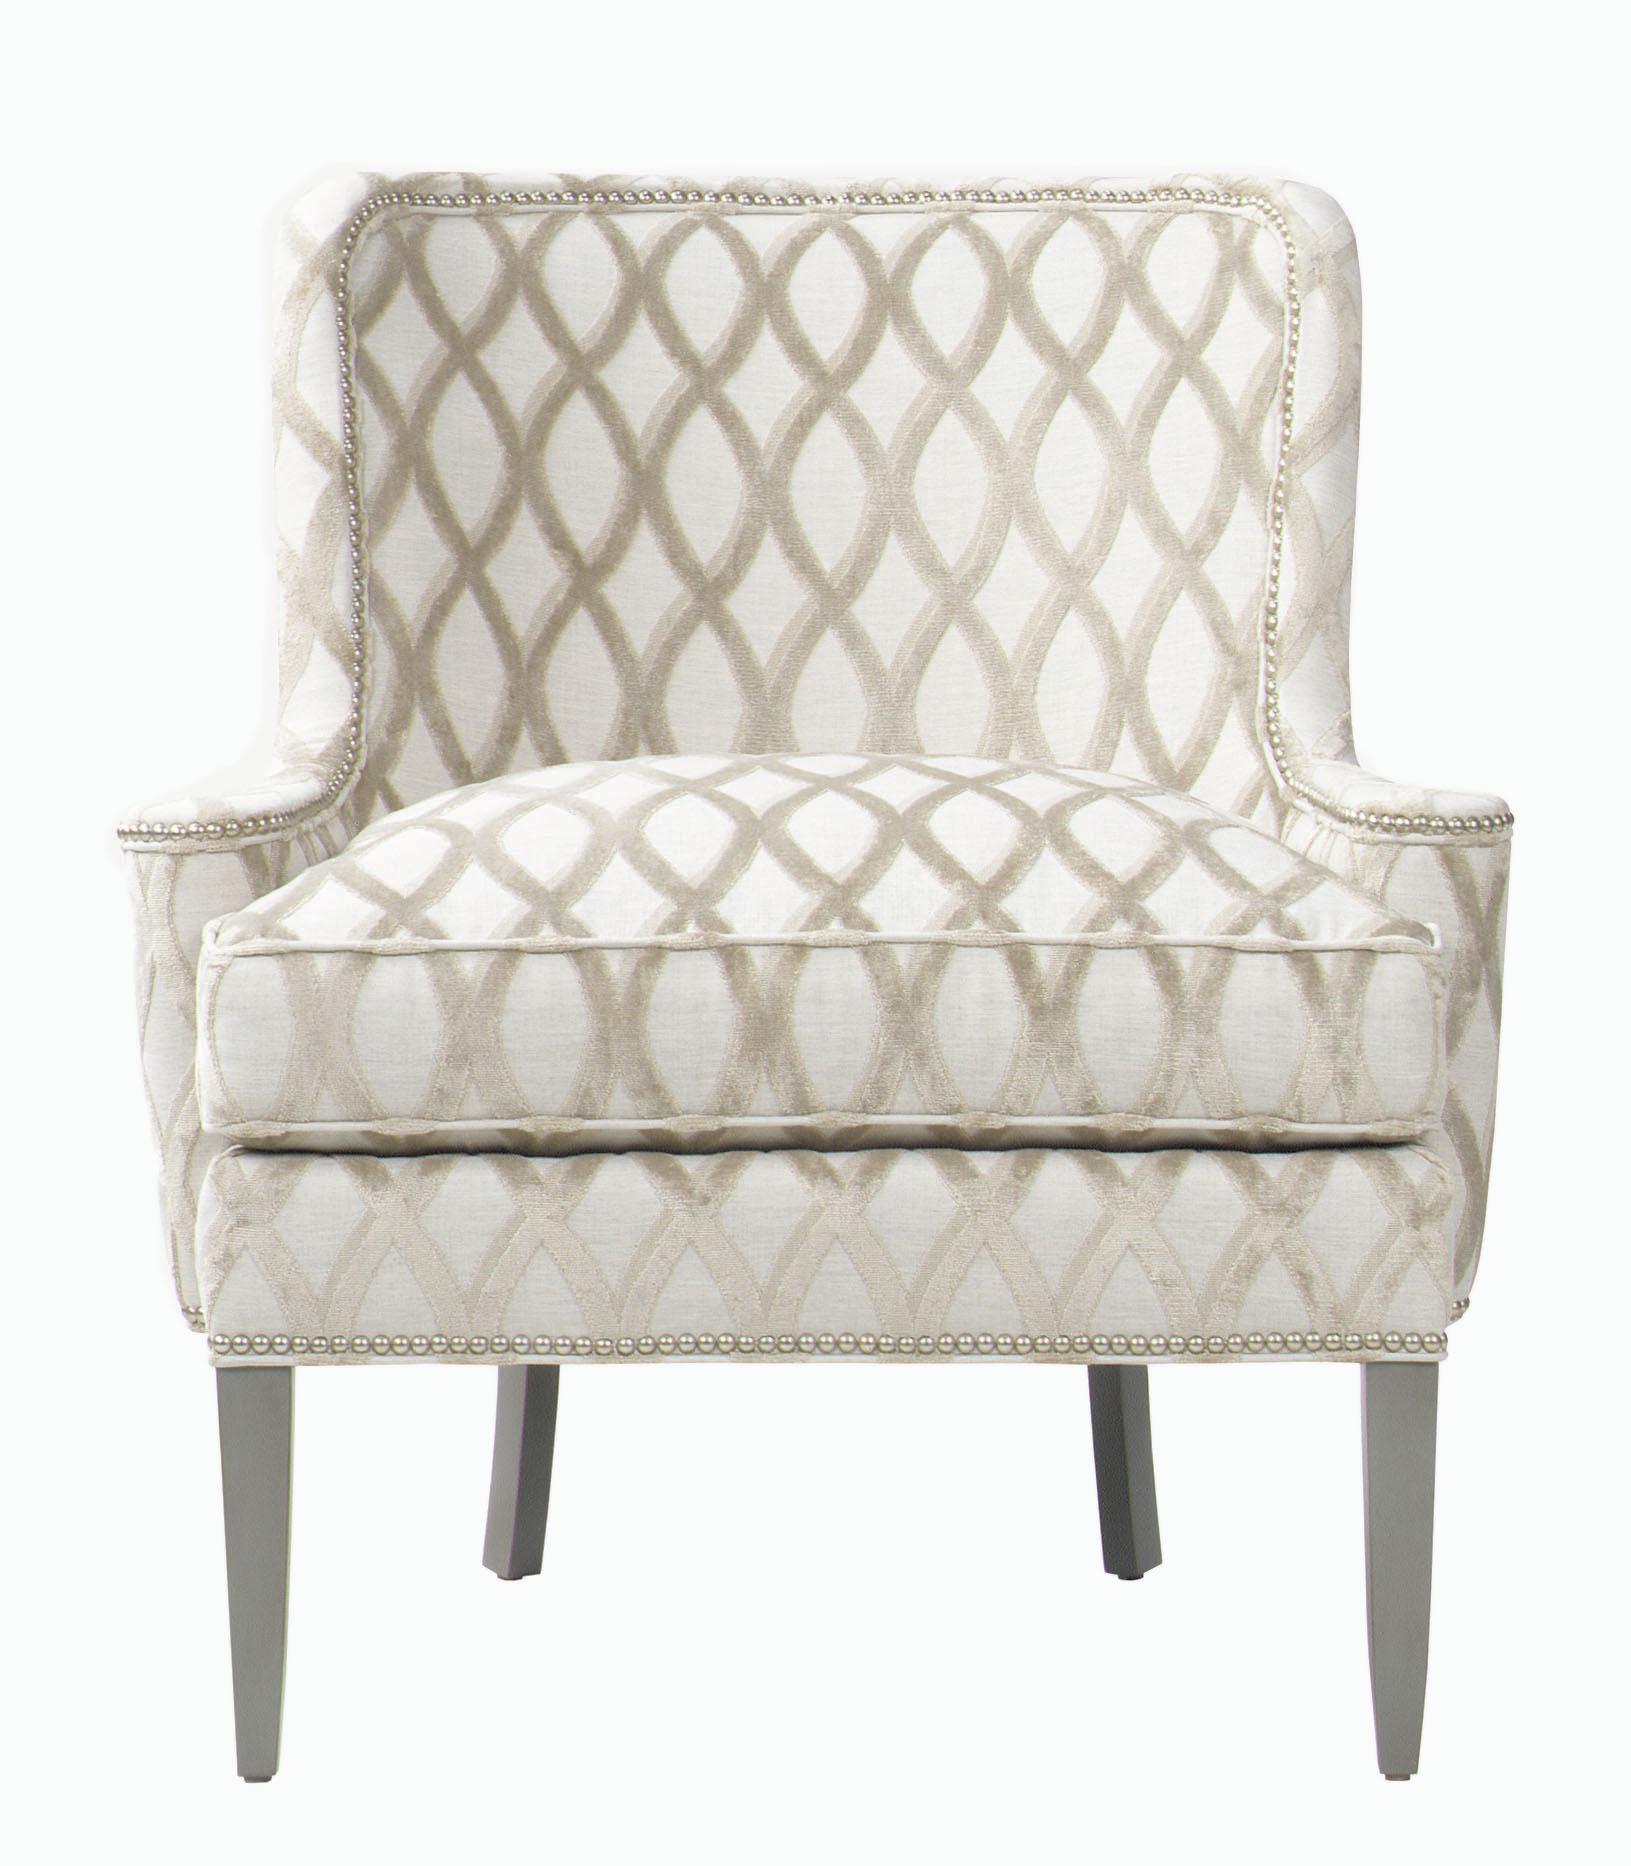 Ashley Furniture Chair Ideas